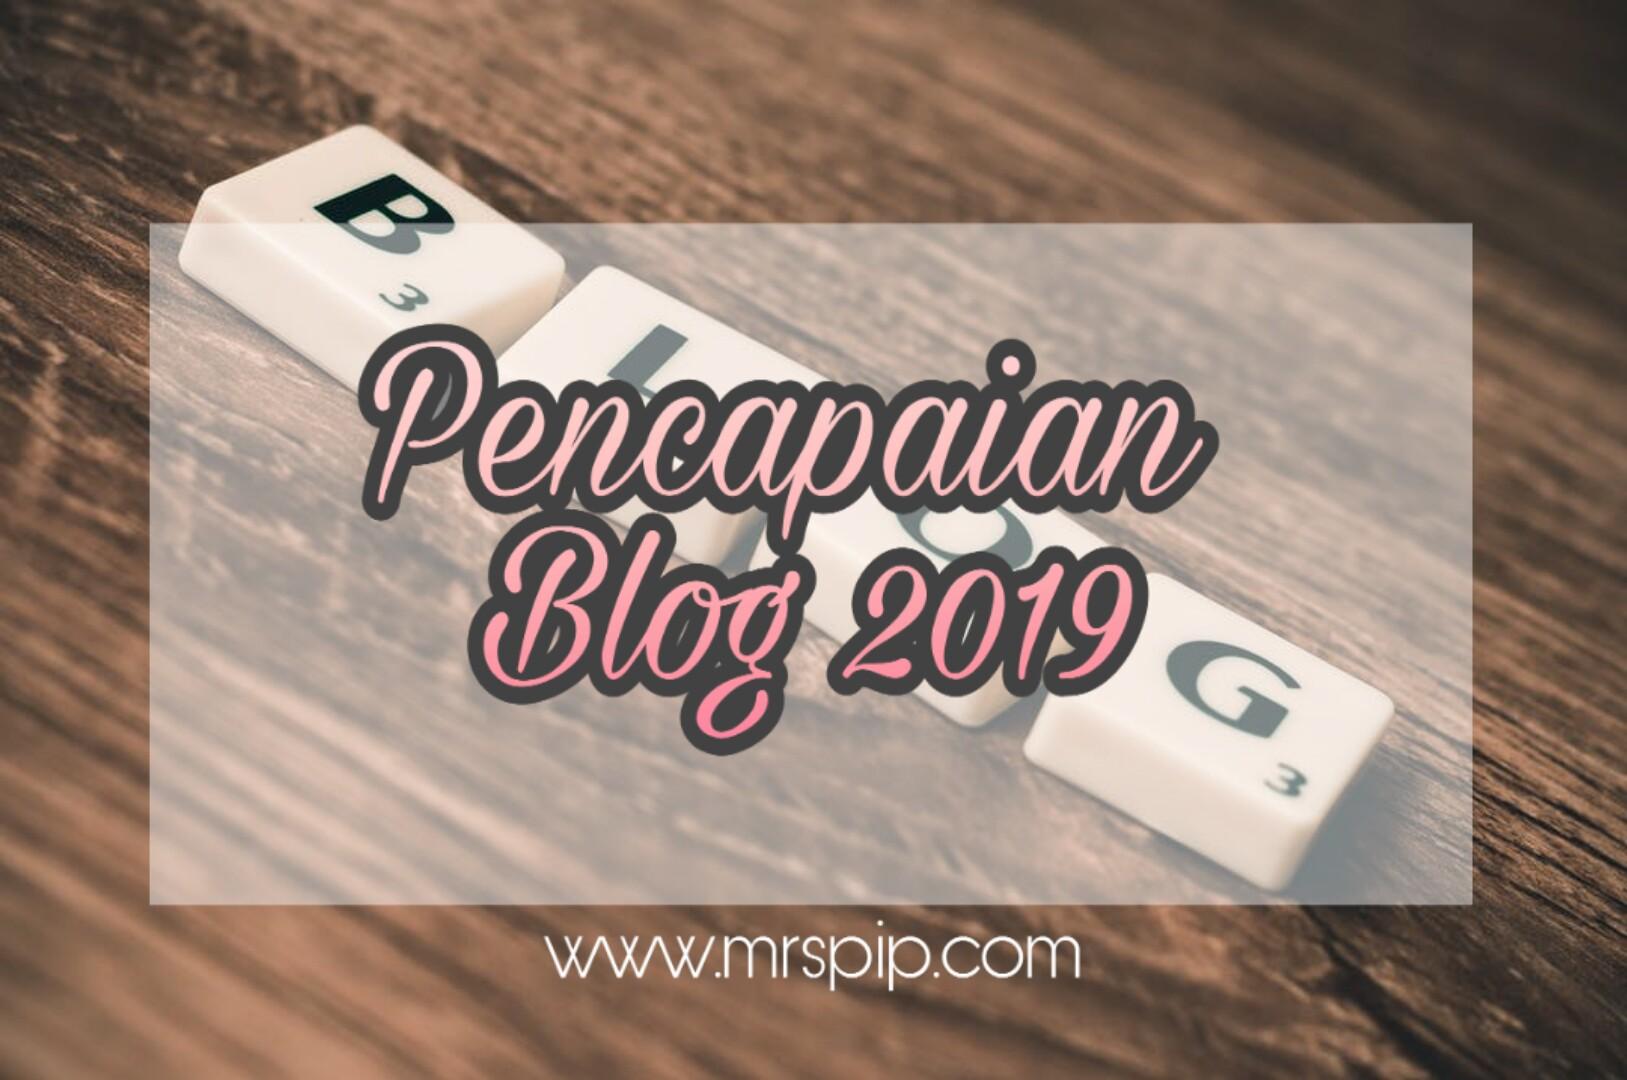 pencapaian blog 2019